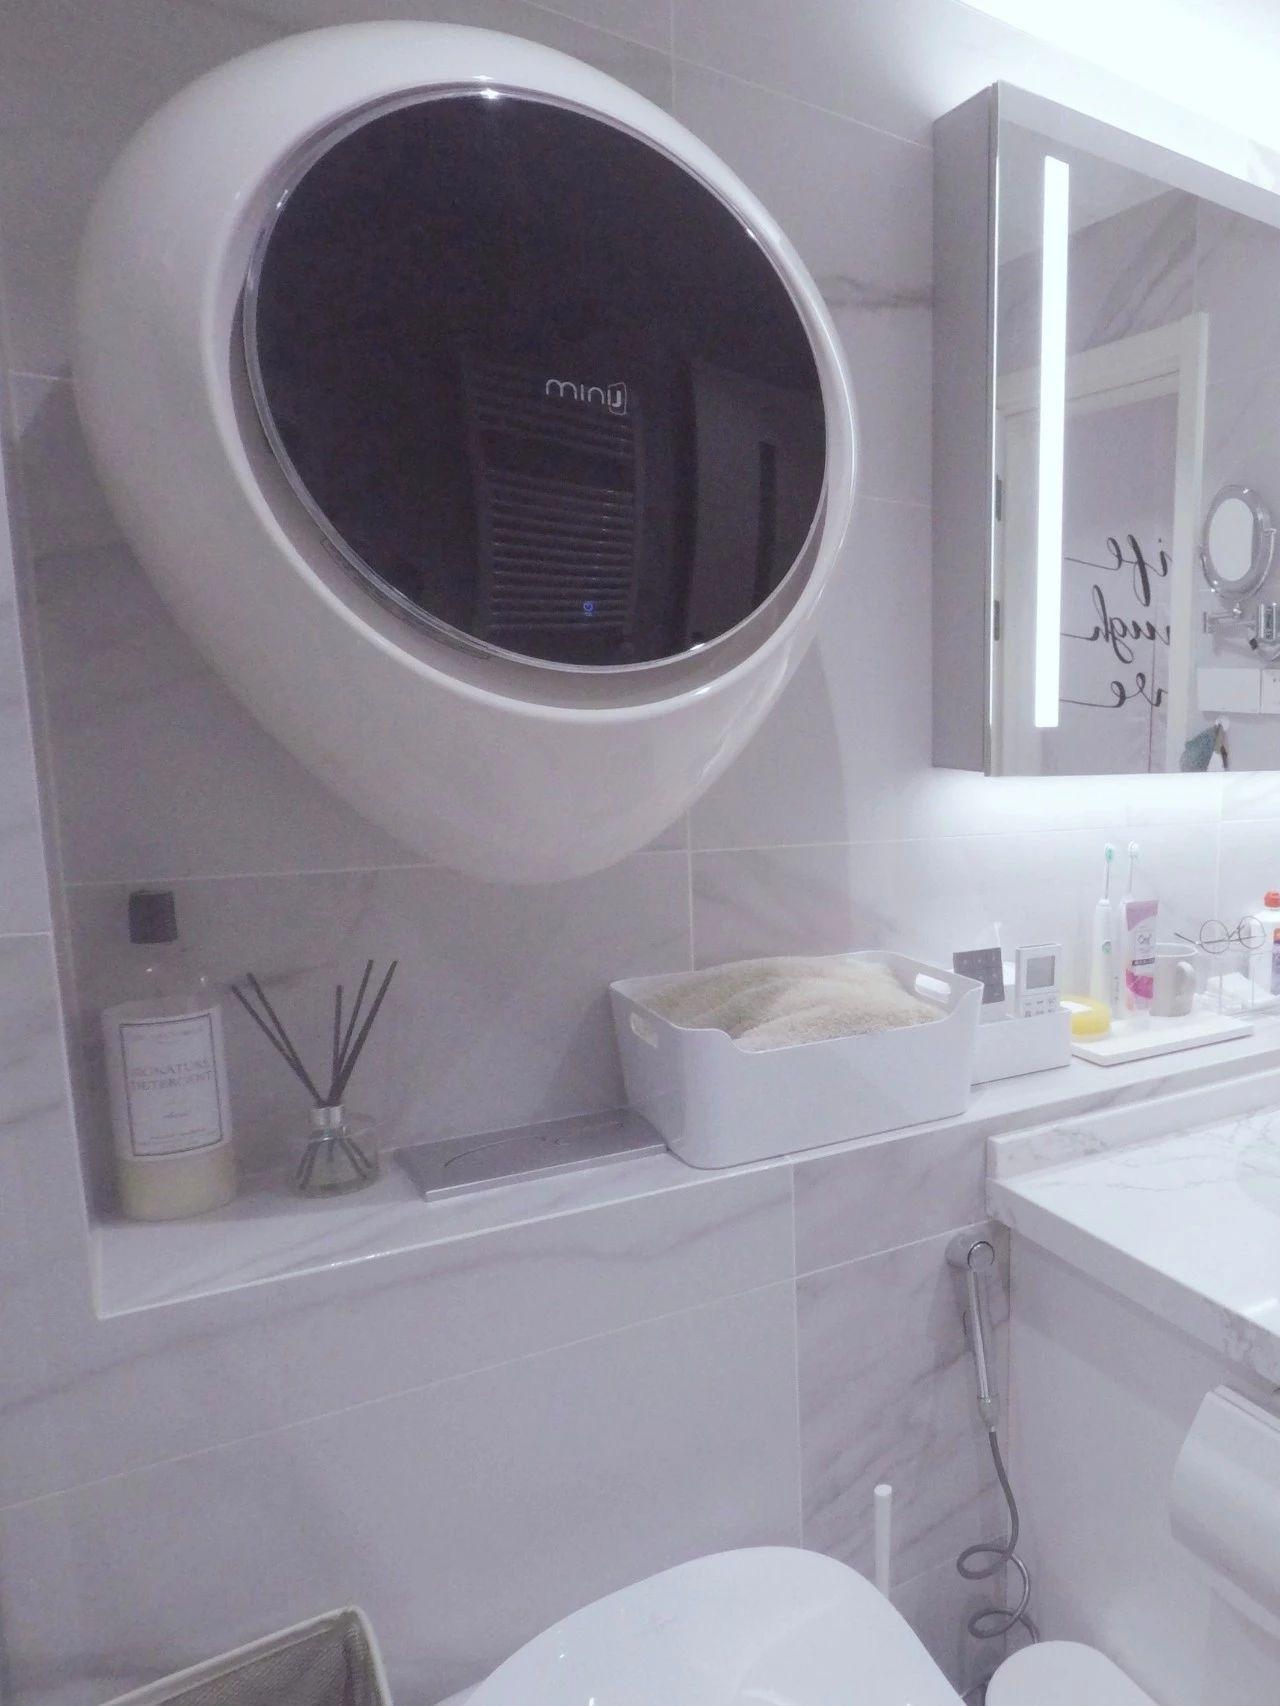 马桶刷的安装_卫生间很小的情况下,如何巧妙装修? - 知乎